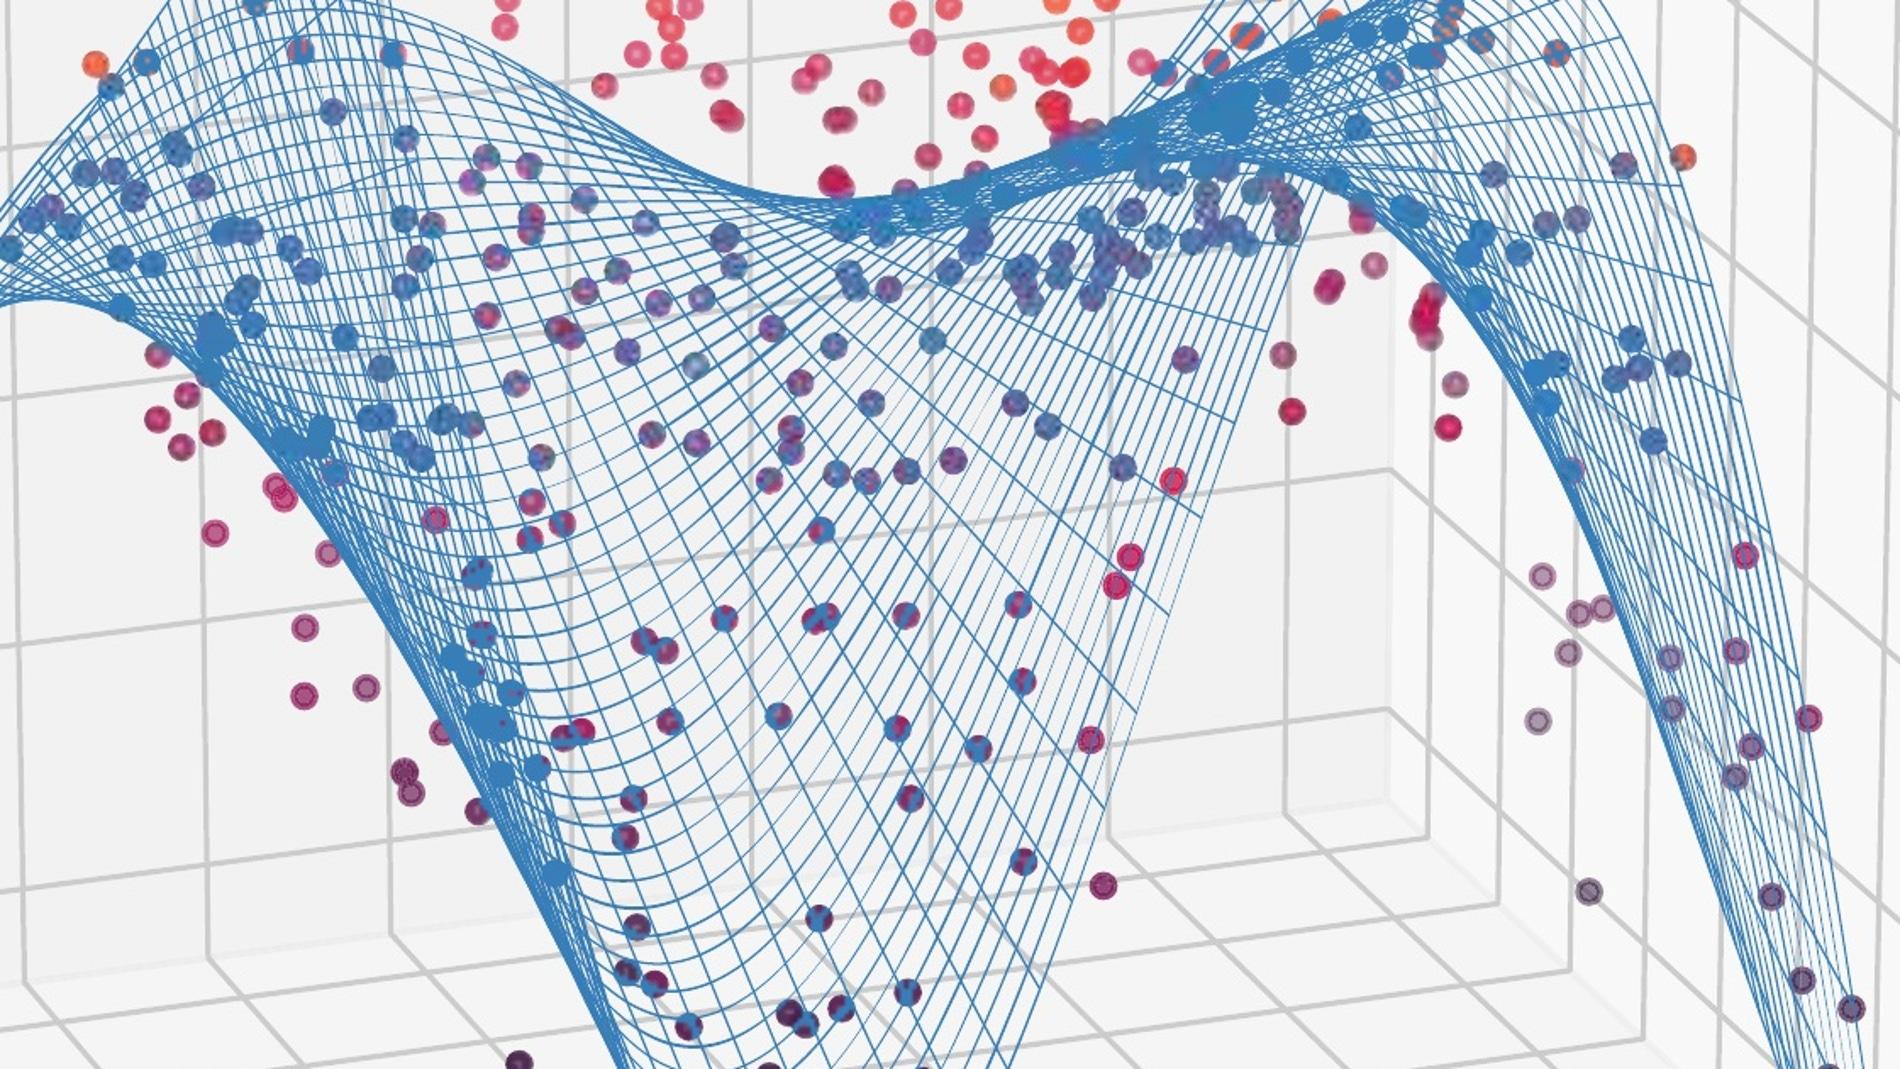 El algoritmo que actua como un cientifico